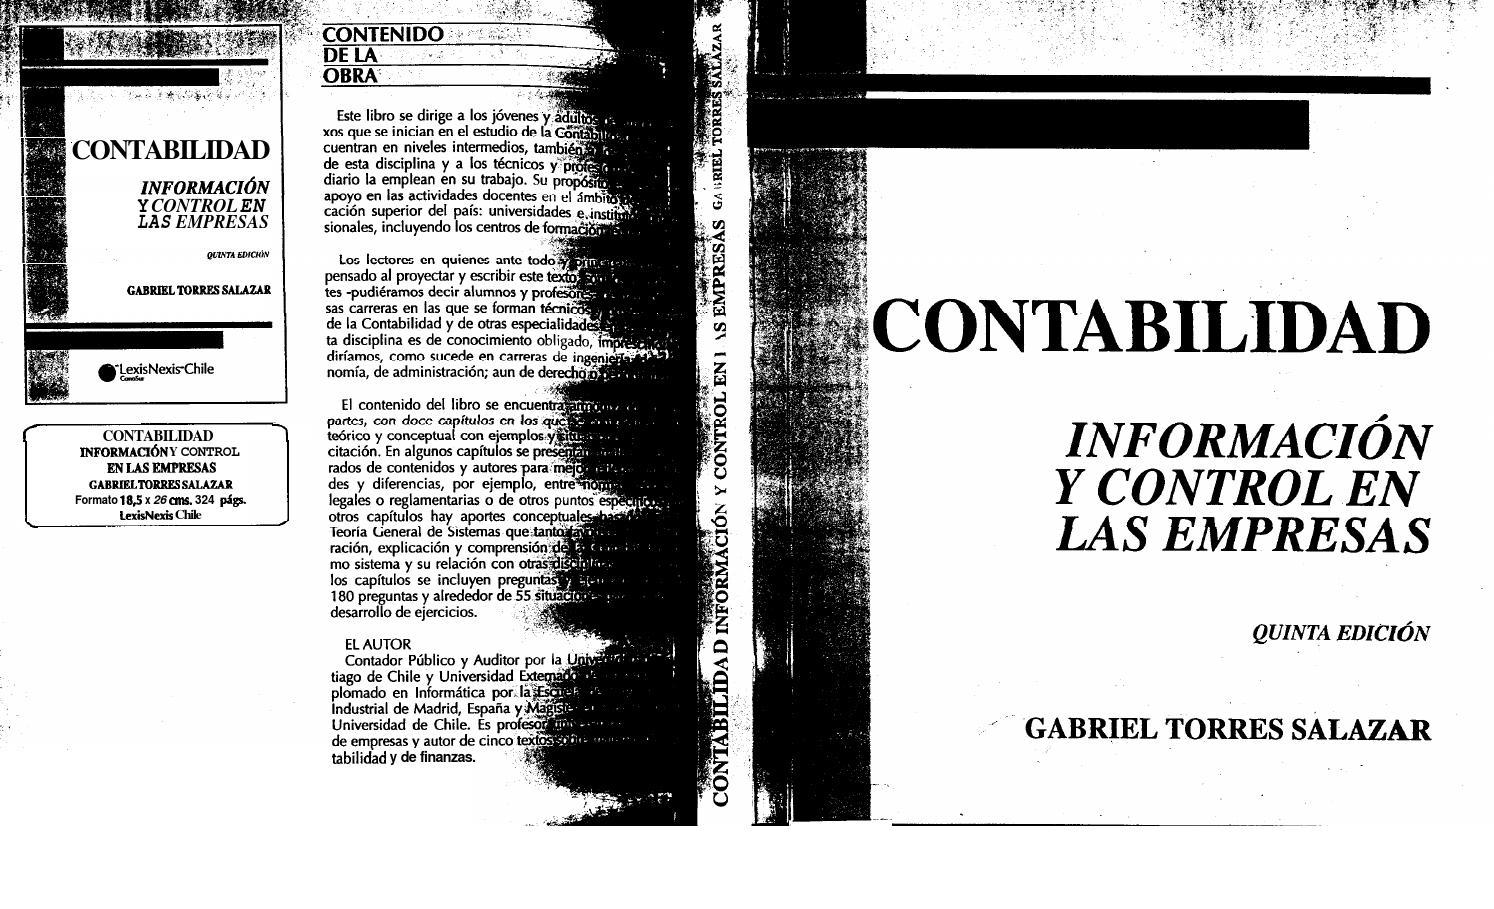 Contabilidad informacion y control en las empresas torres salazar ...